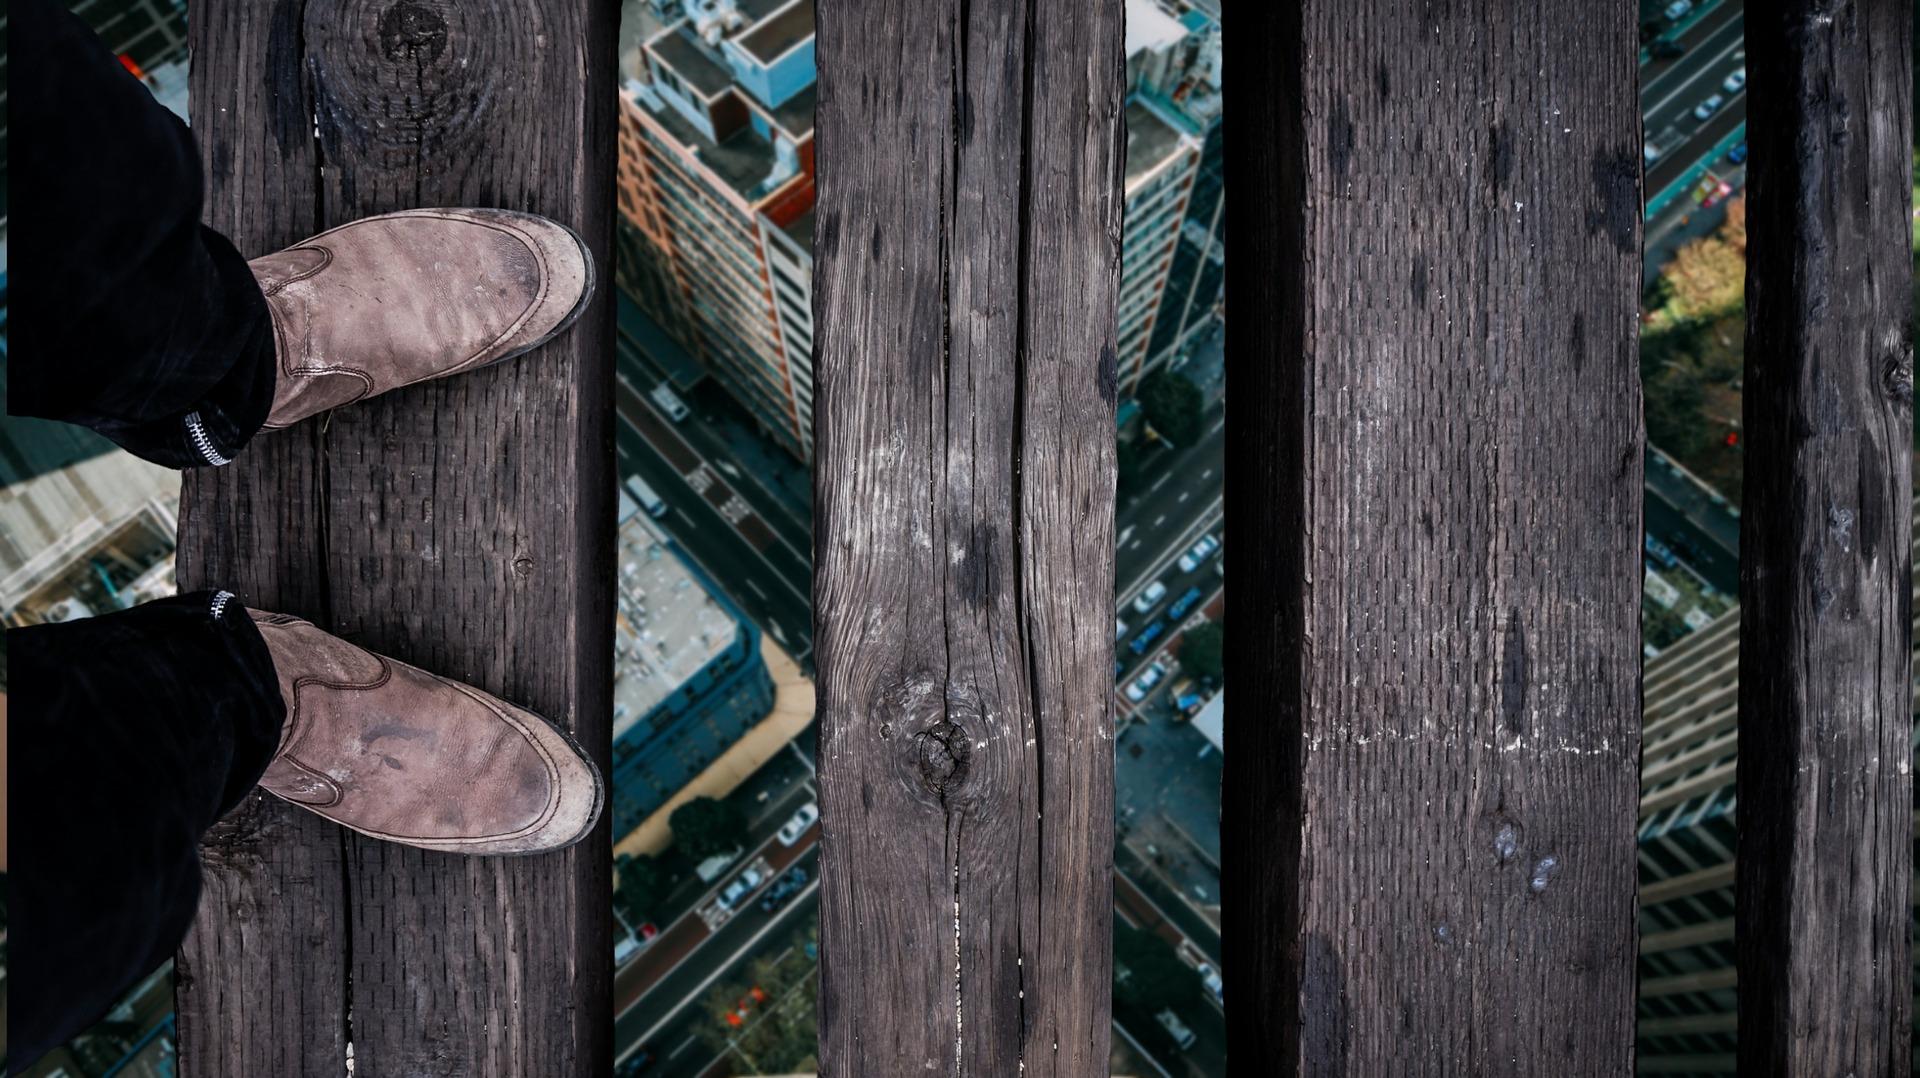 Riješavanje iracionalnih strahova i fobija